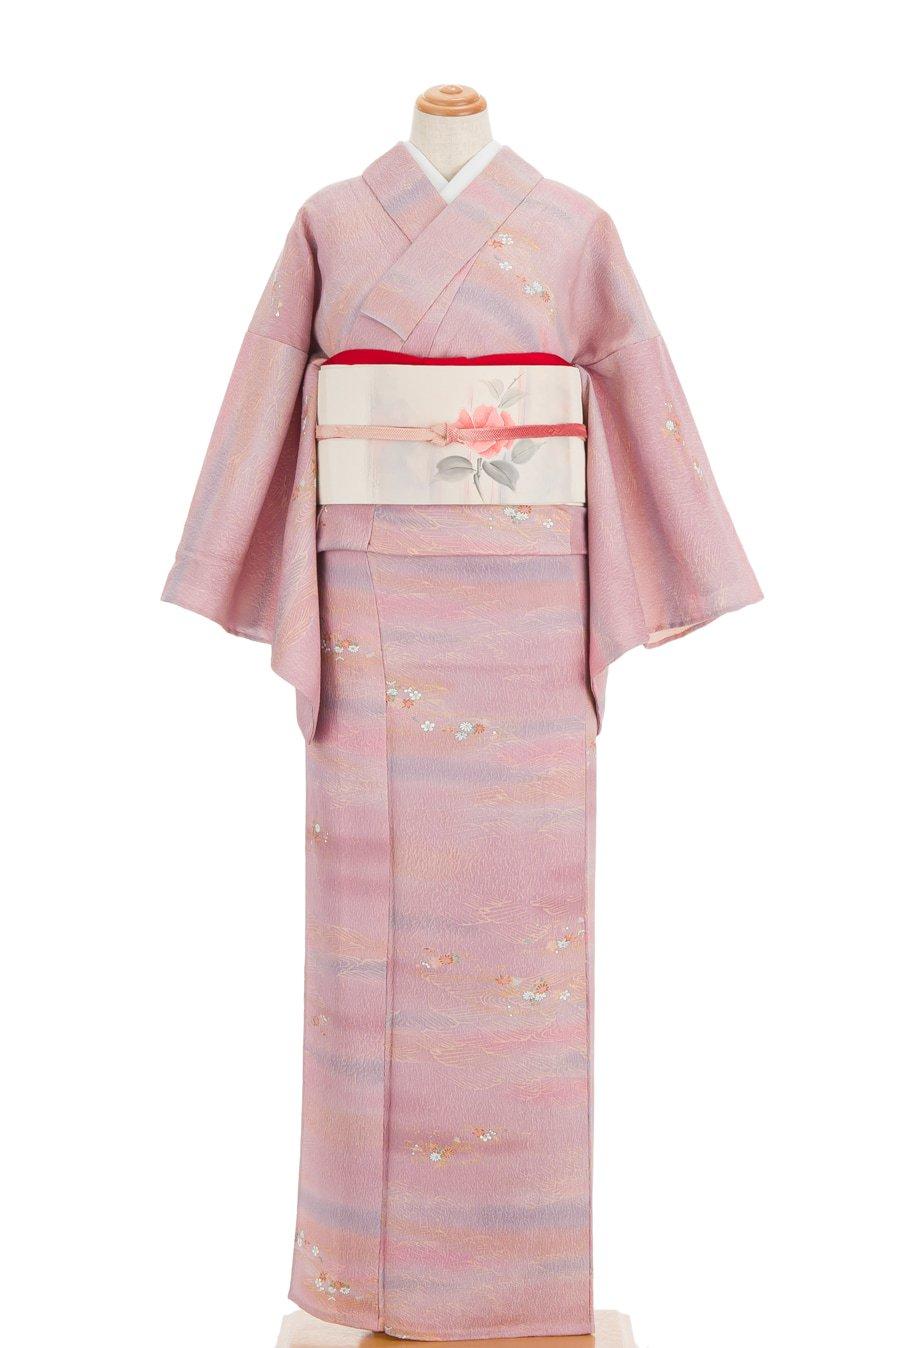 「単衣 ピンク暈しに菊や紅葉など」の商品画像